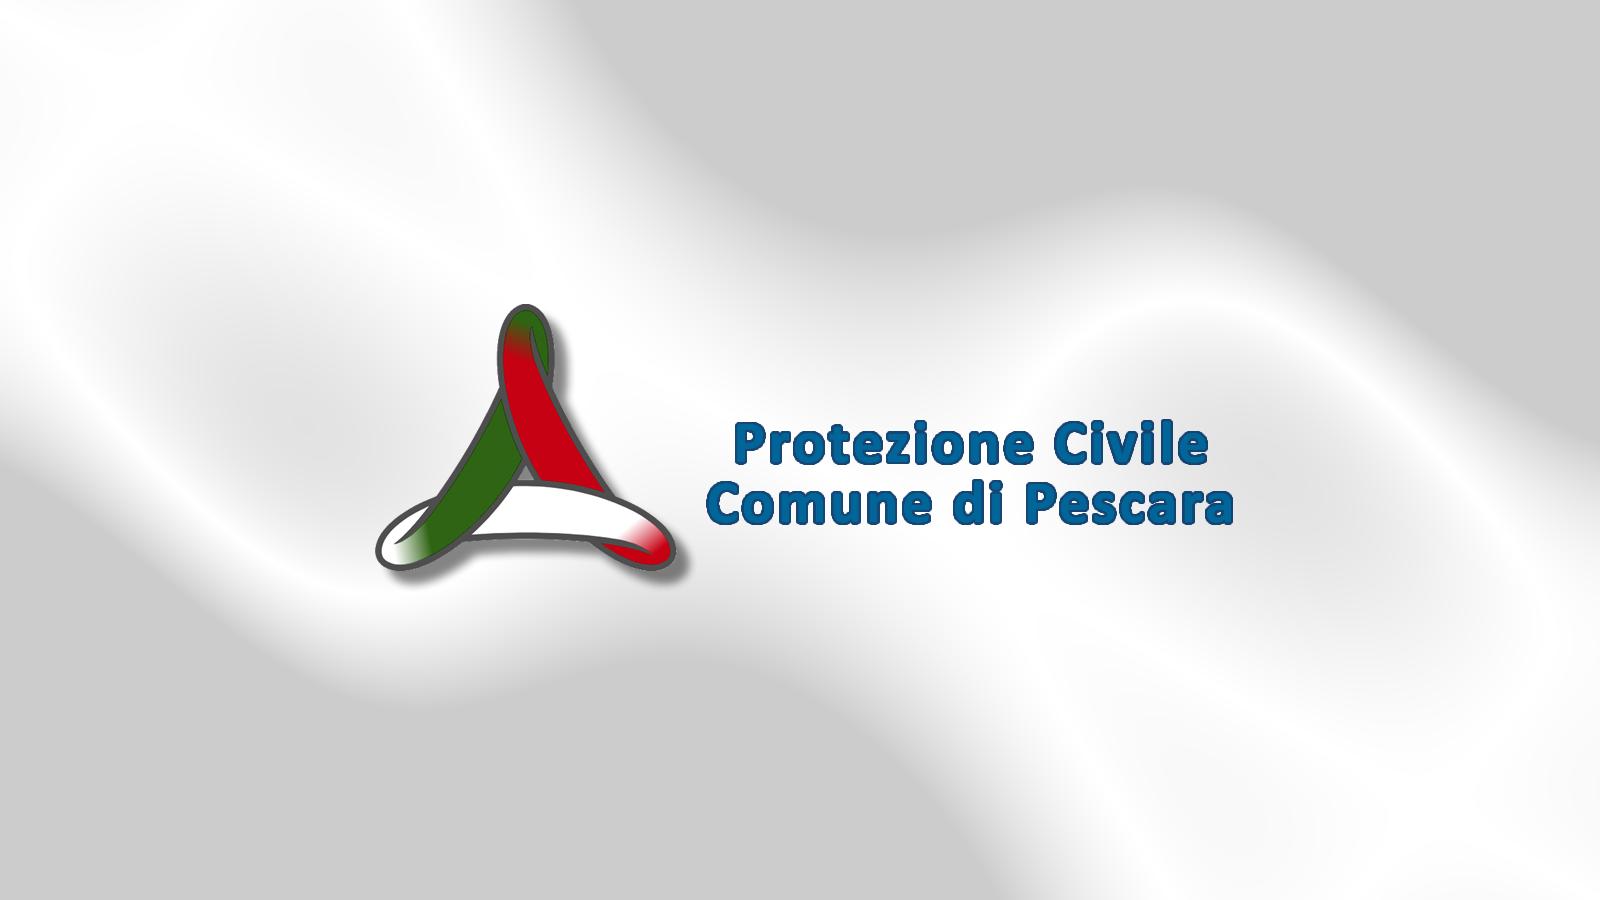 PROTEZIONE CIVILE COMUNALE